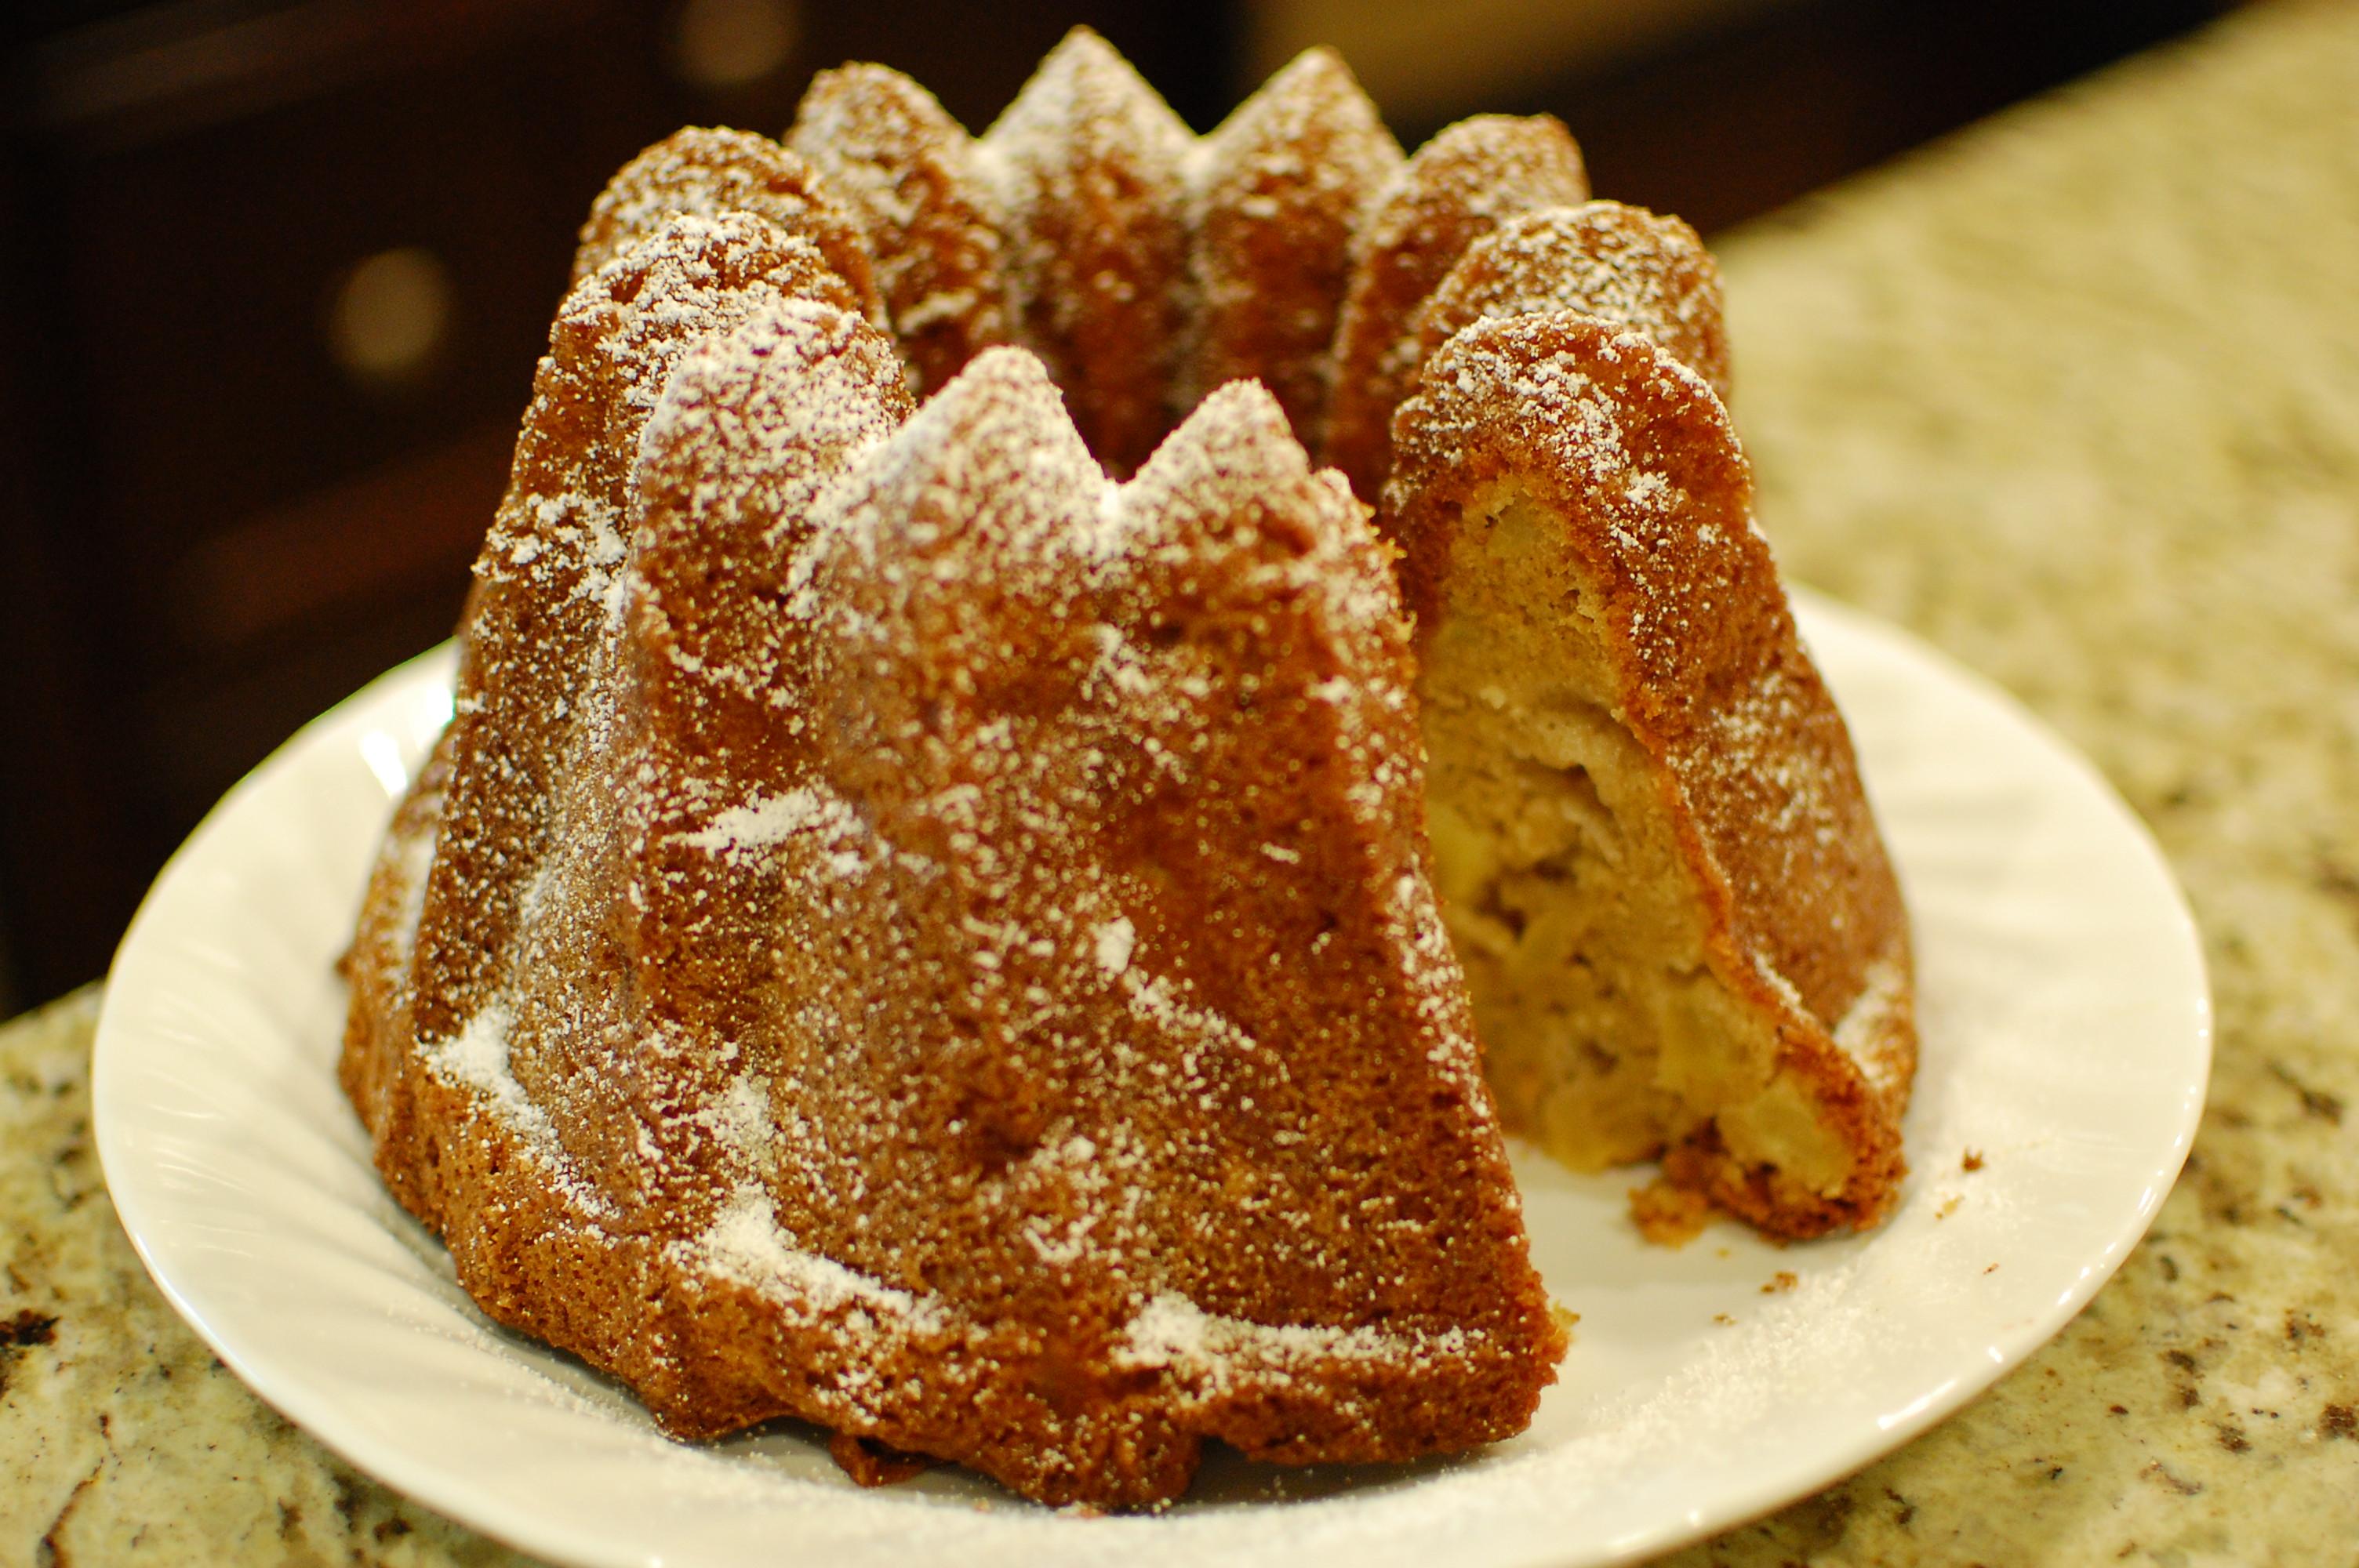 ... apple cake southern apple and pecan cake german pan cake s german pan